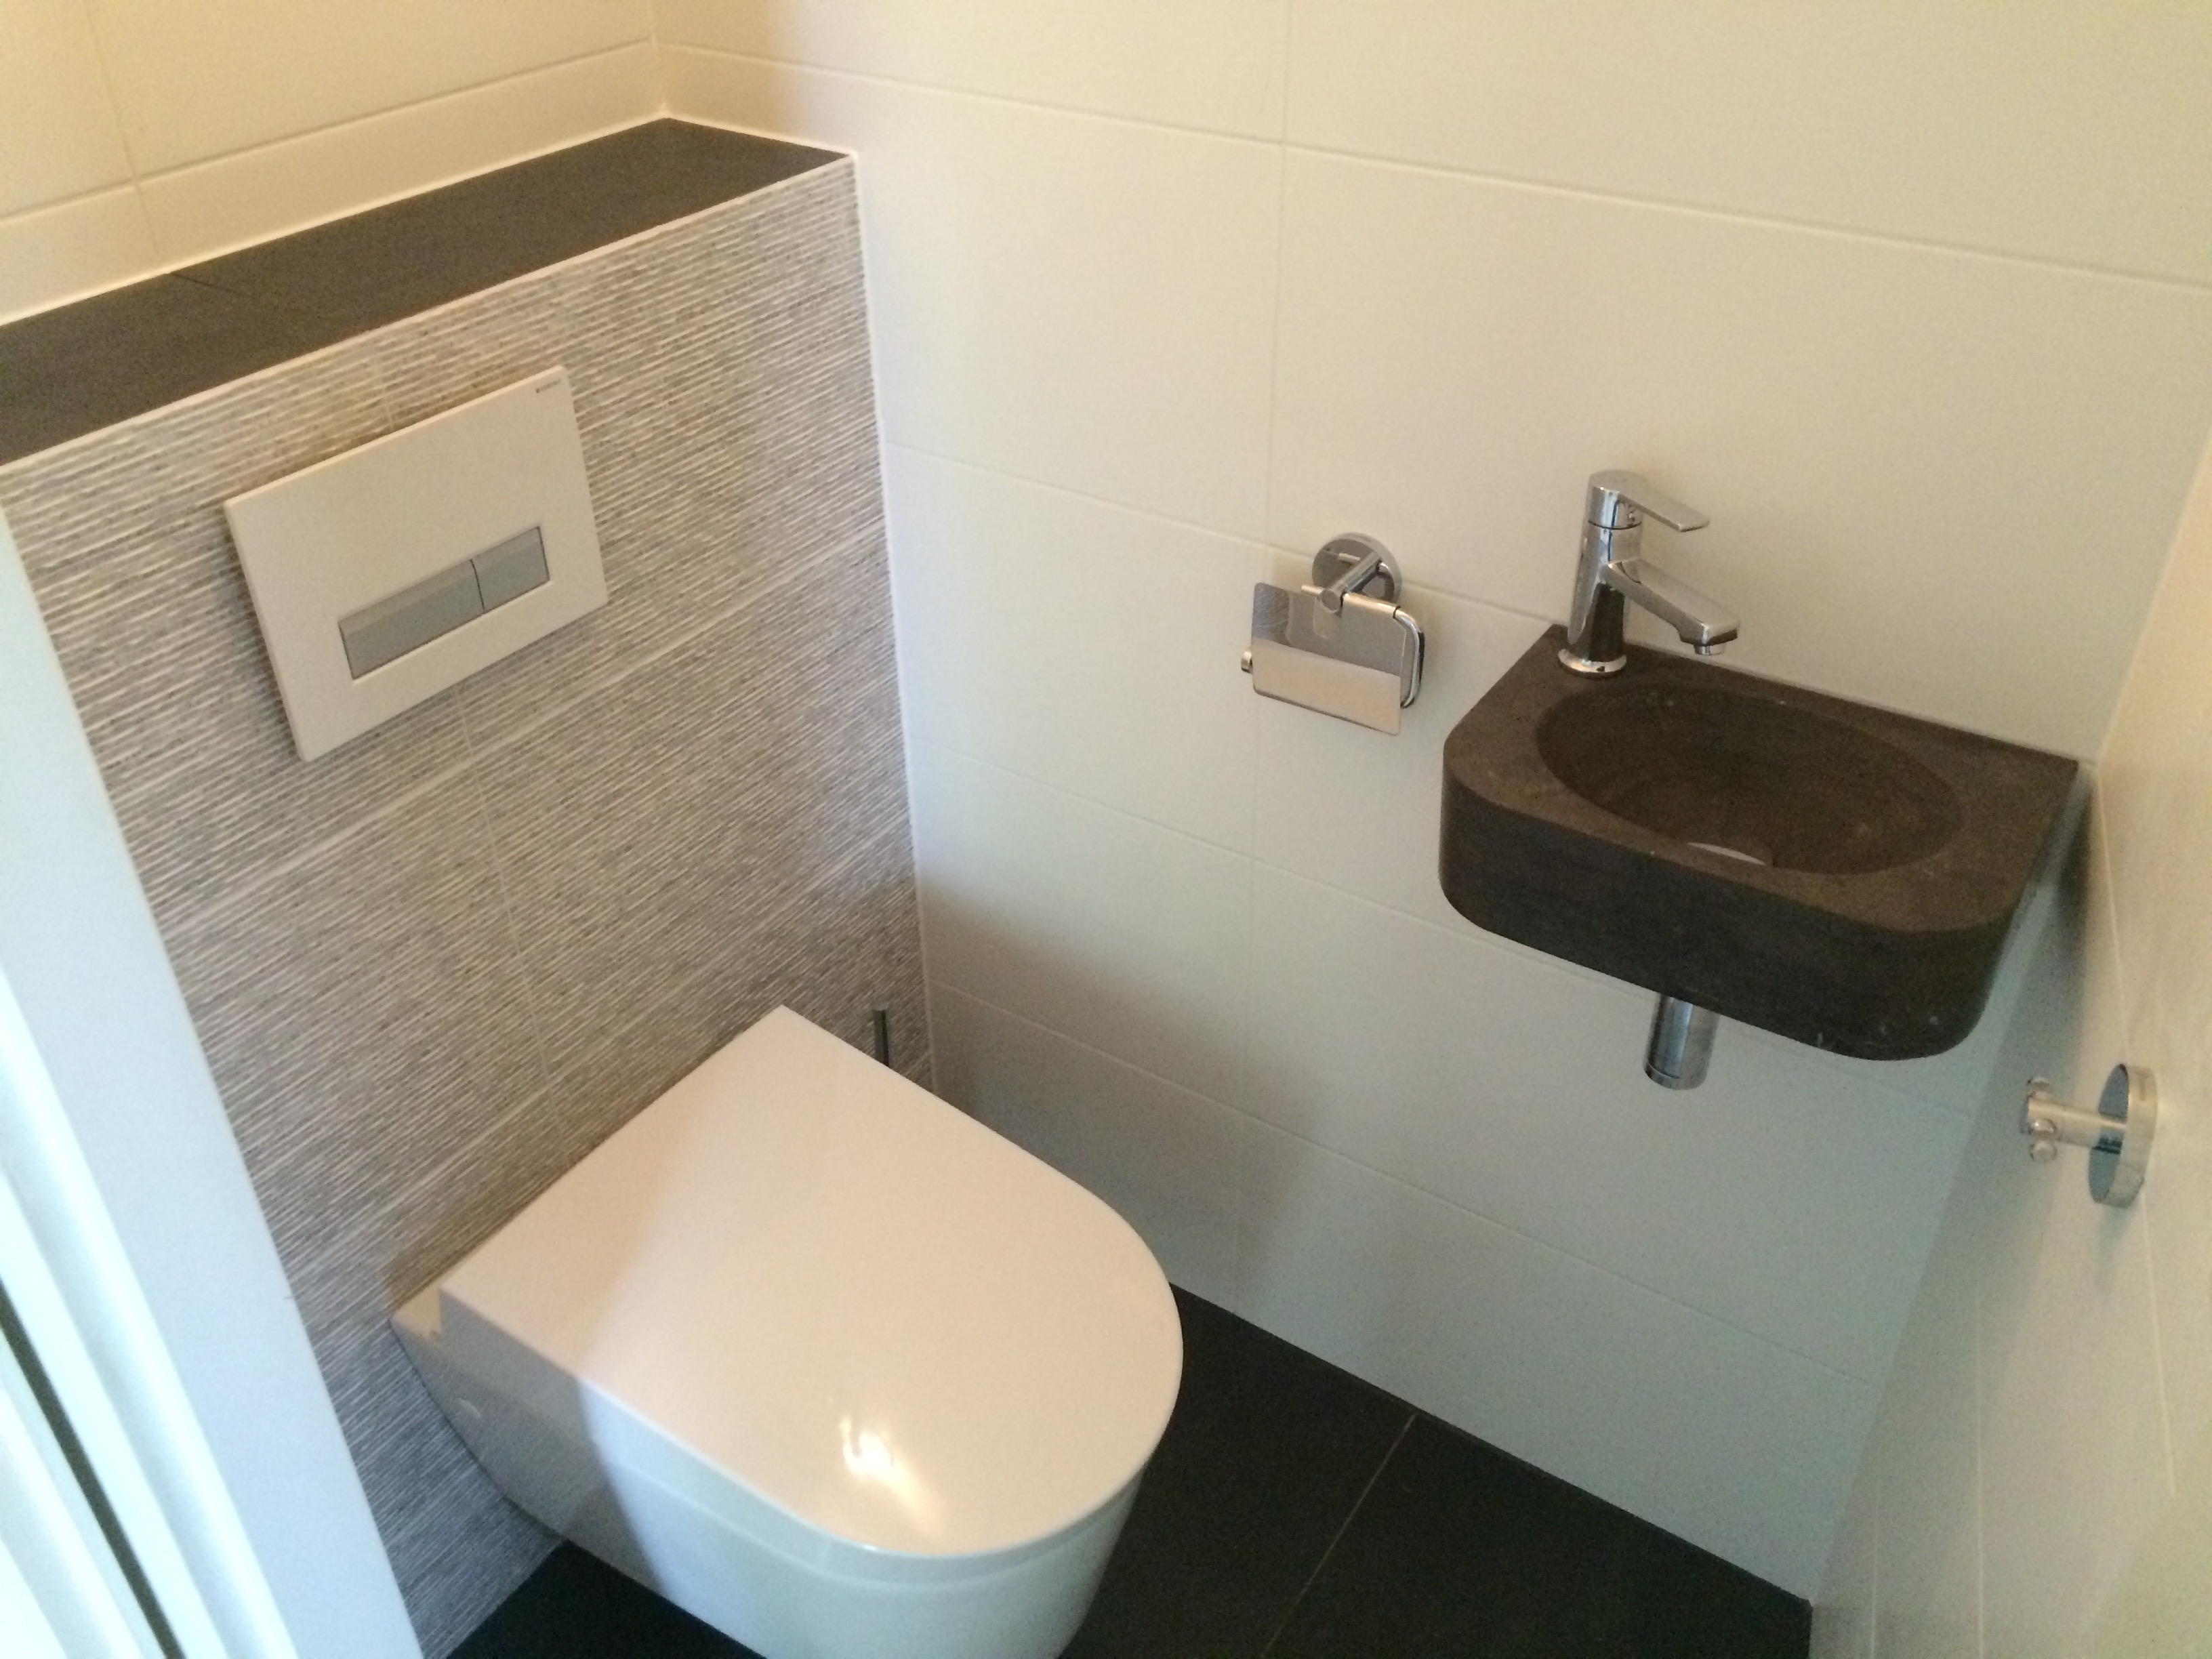 Complete toilet renovatie sanitair tegels en toilet accessoires - Tegels voor wc ...